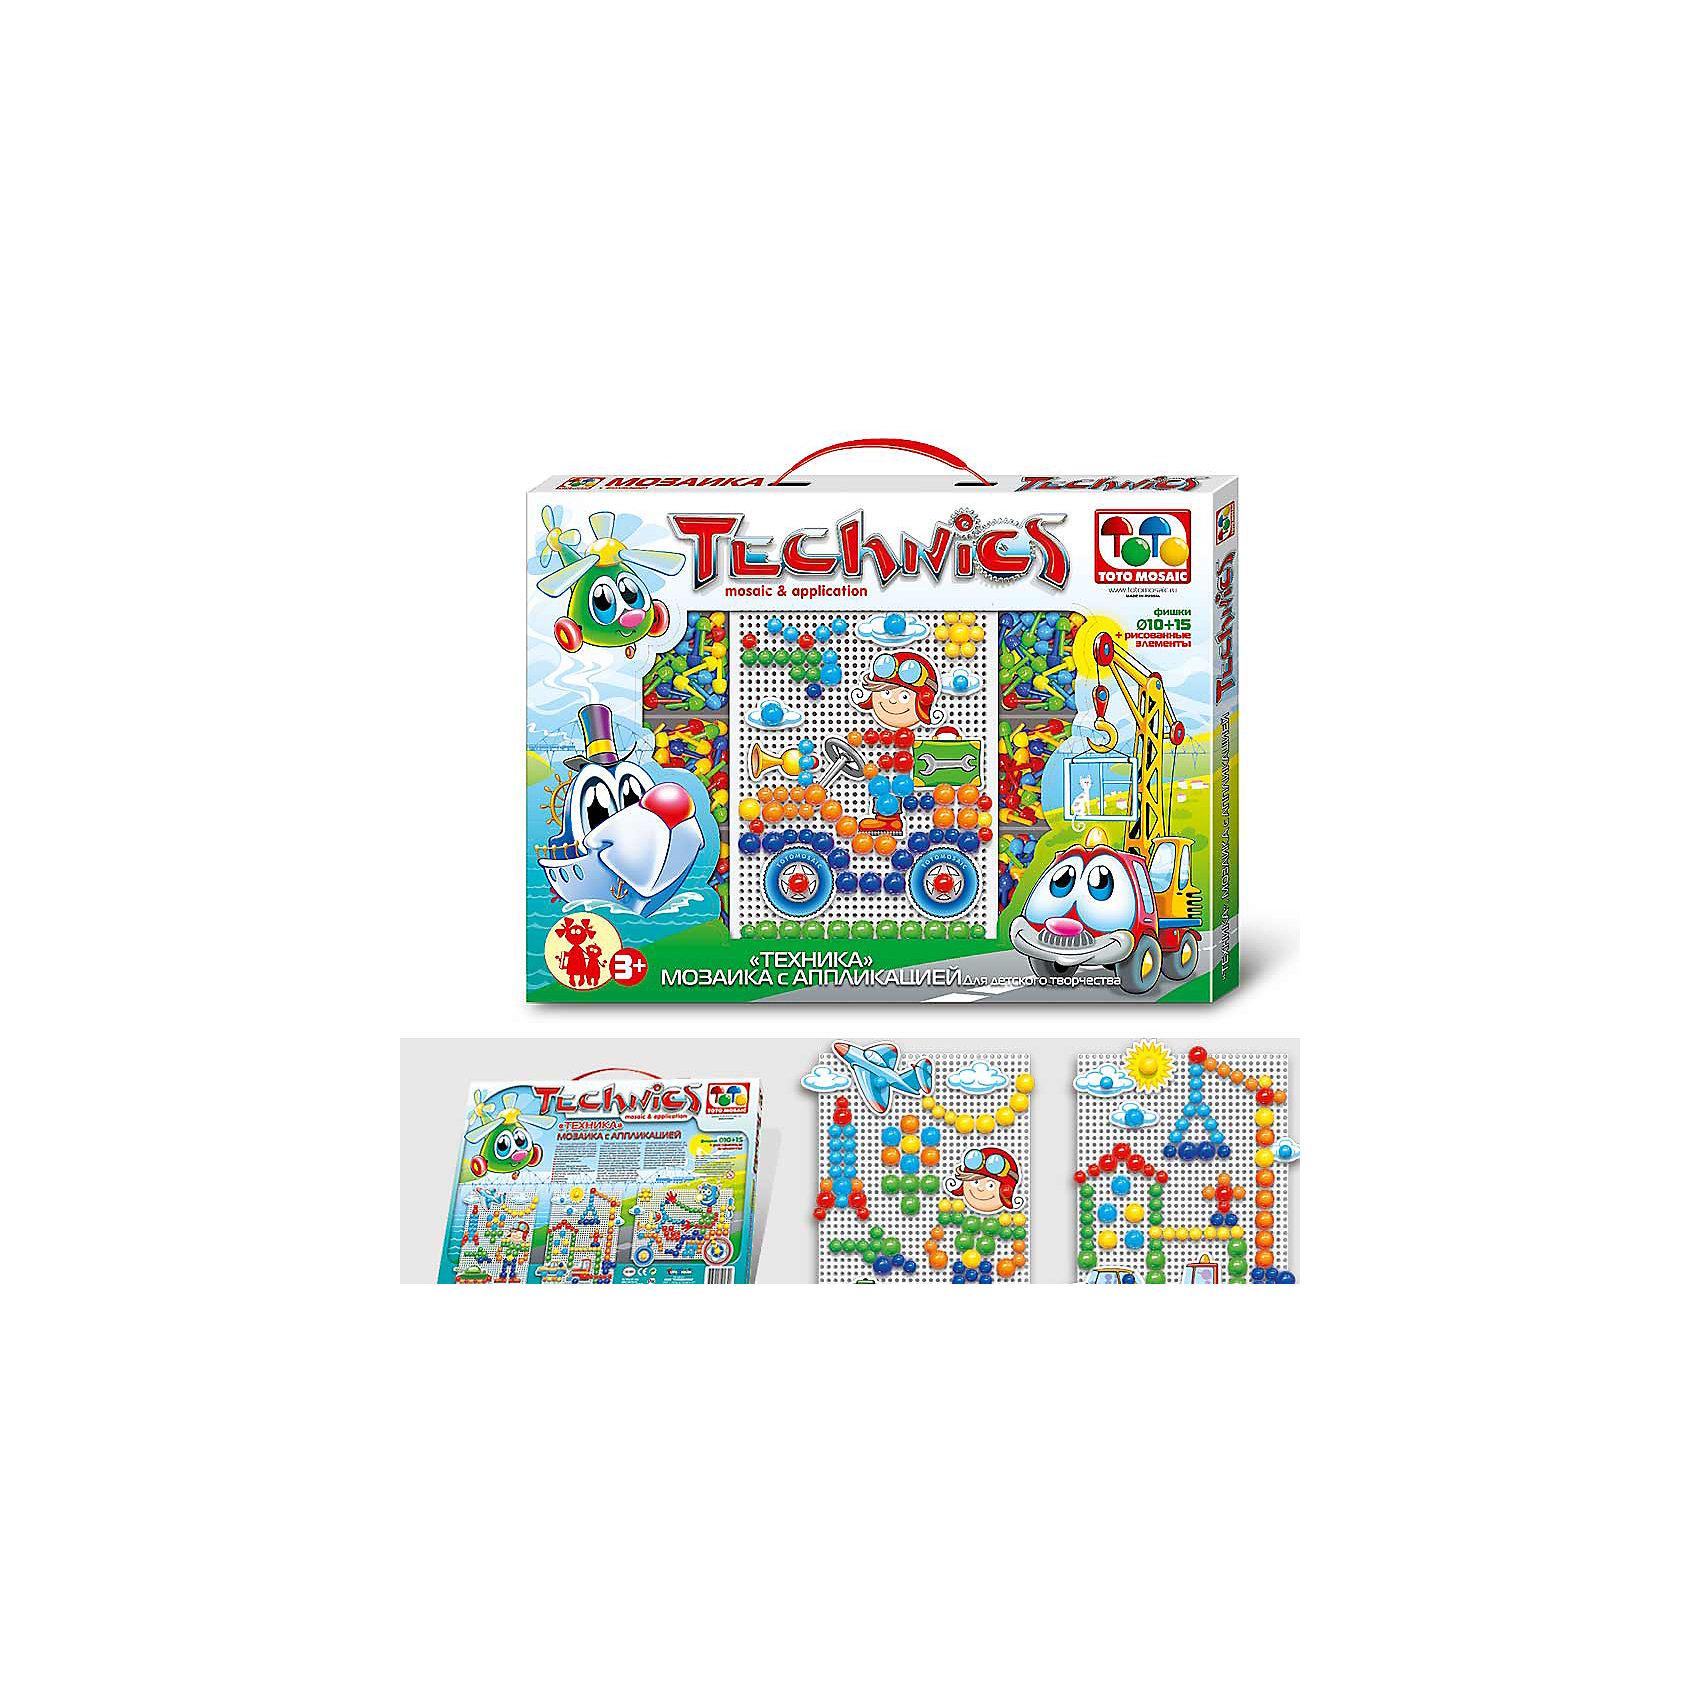 Мозаика с аппликацией Техника, 100 деталей, д. 10-15 мм, Toys UnionМозаика - самое увлекательное из развивающих занятий для детей! Мозаика полезна для детей всех возрастов, ведь помимо моторики, она развивает образное мышление и внимание. Мозаика Техника подойдет даже для любителей машин. Разные по размеру фишки помогут собрать разнофактурные картинки! Удобная основа в виде прямоугольника дает большие возможности для декорирования. Яркие элементы мозаики шести цветов и аппликации дают возможность сделать прекрасную картинку. Книжка со схемами и красивыми картинками поможет сделать замечательные работы. Для удобства хранения предусмотрены прозрачные контейнеры для фишек. Осваивайте мозаику вместе с малышом и получайте прекрасные работы в подарок!<br><br>Дополнительная информация:<br><br>- Развитие моторики и фантазии в игровой форме;<br>- Прямоугольная плата 21,3 х 15,7 см;<br>- 100 фишек;<br>- Прозрачные контейнеры для фишек;<br>- Диаметр фишек: 10-15 мм;<br>- Элементы аппликации;<br>- Прекрасный подарок;<br>- Размер упаковки: 41 х 30,7 х 2,5 см;<br>- Вес: 300 г<br><br>Мозаику с аппликацией Техника, 100 деталей, д. 10-15 мм, Toys Union можно купить в нашем интернет-магазине.<br><br>Ширина мм: 410<br>Глубина мм: 304<br>Высота мм: 25<br>Вес г: 300<br>Возраст от месяцев: 36<br>Возраст до месяцев: 96<br>Пол: Унисекс<br>Возраст: Детский<br>SKU: 3976522